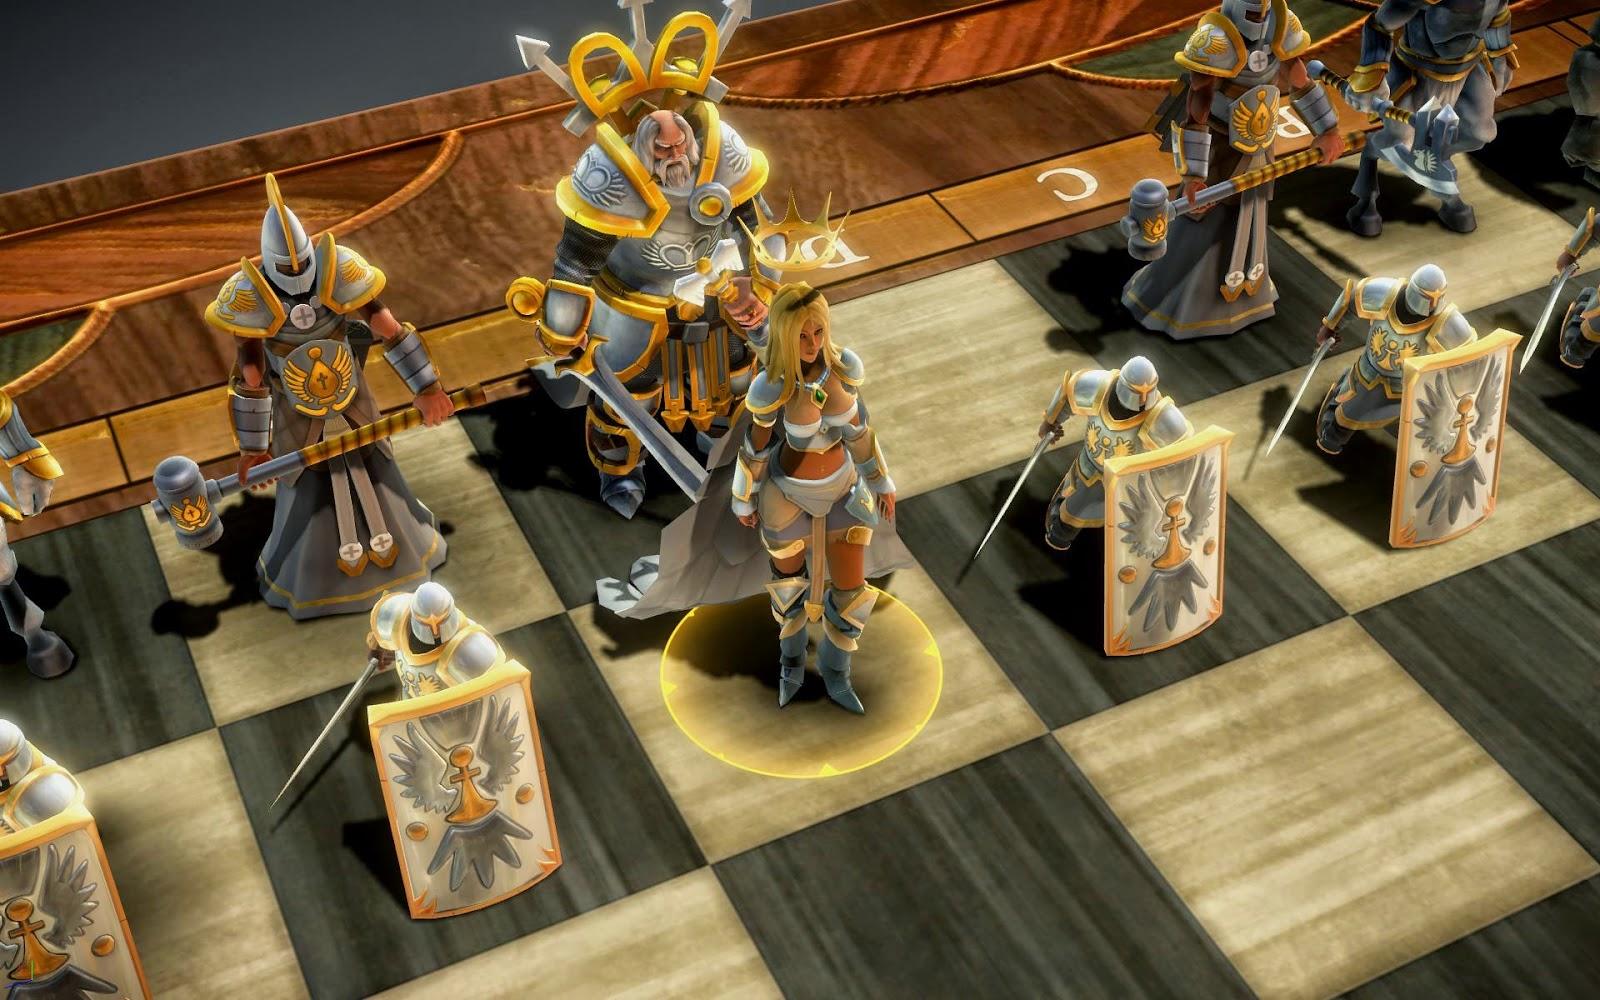 4 Way Chess Online Kubota Tractor Wiring Diagram Battle Vs Pc Full Free Download Yusran Games